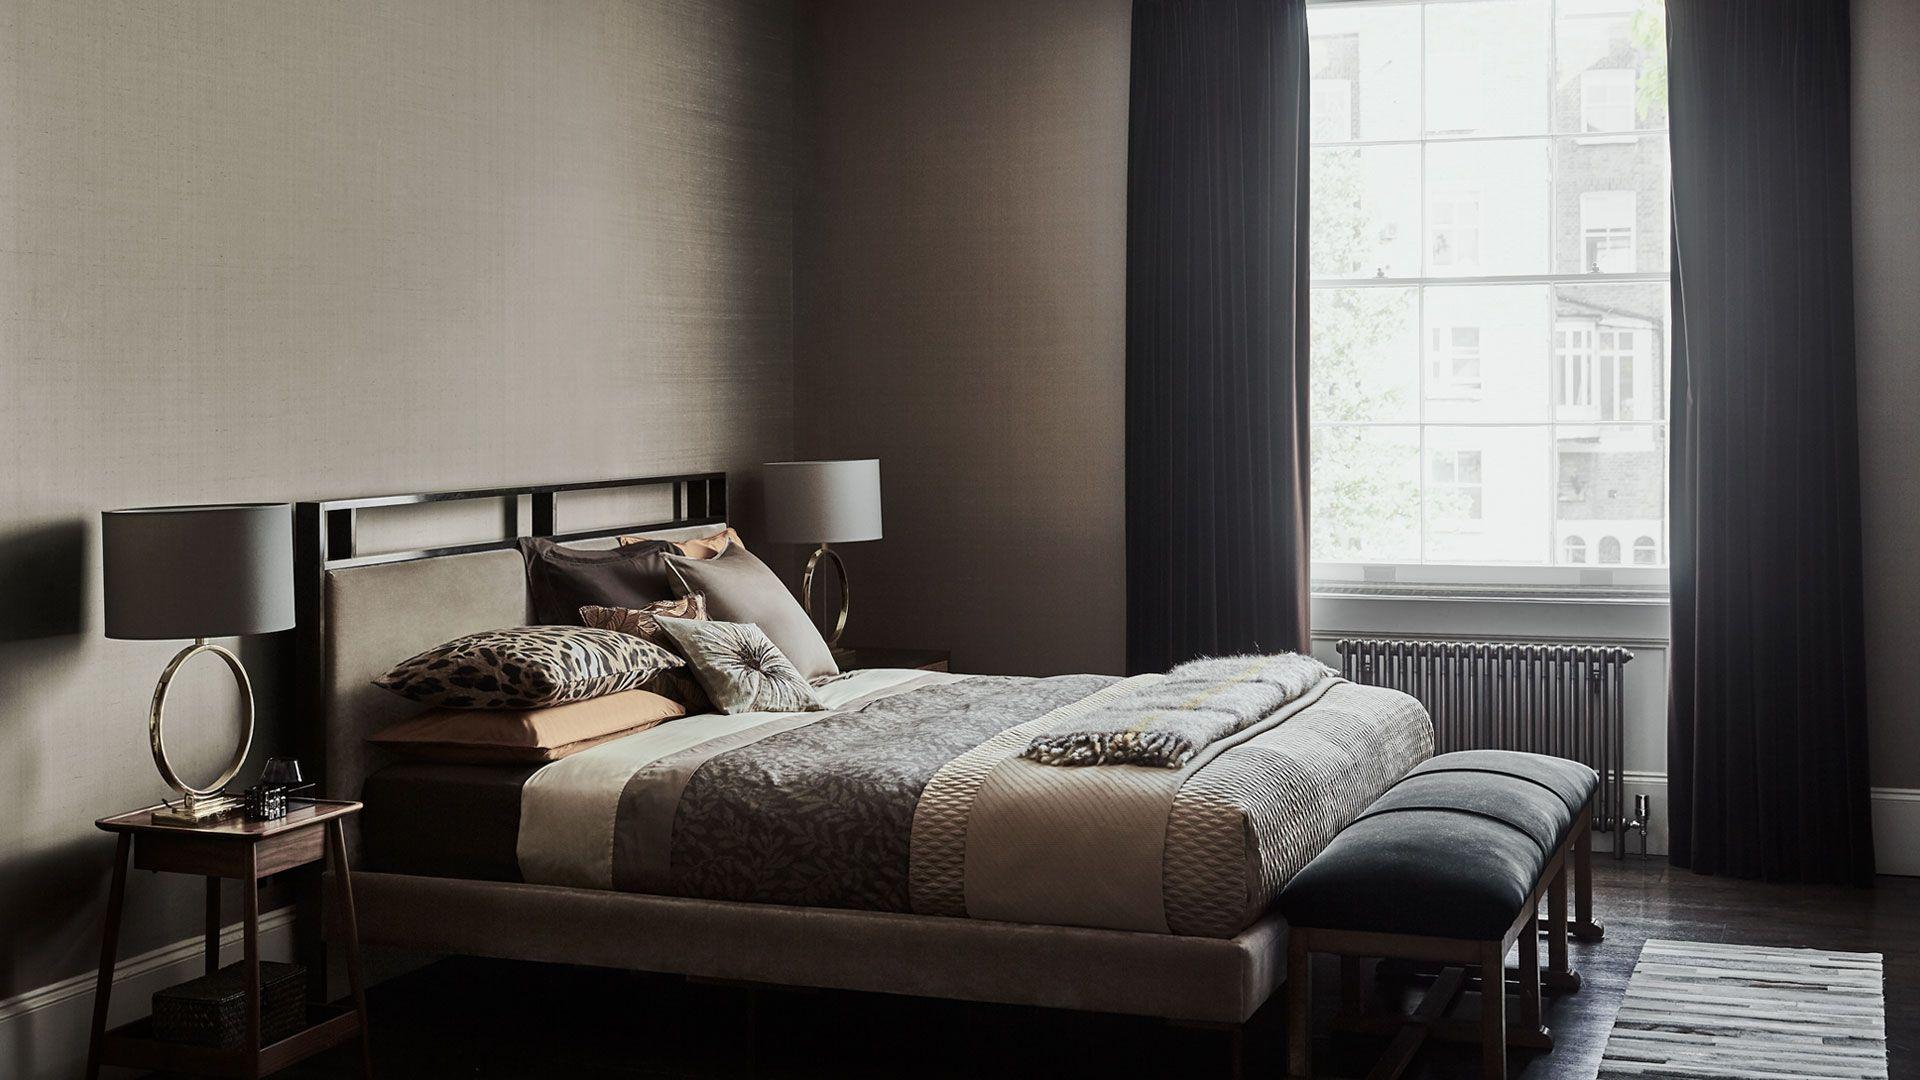 Las ltimas tendencias en decoraci n y con la mejor for Ultimas tendencias en decoracion de apartamentos